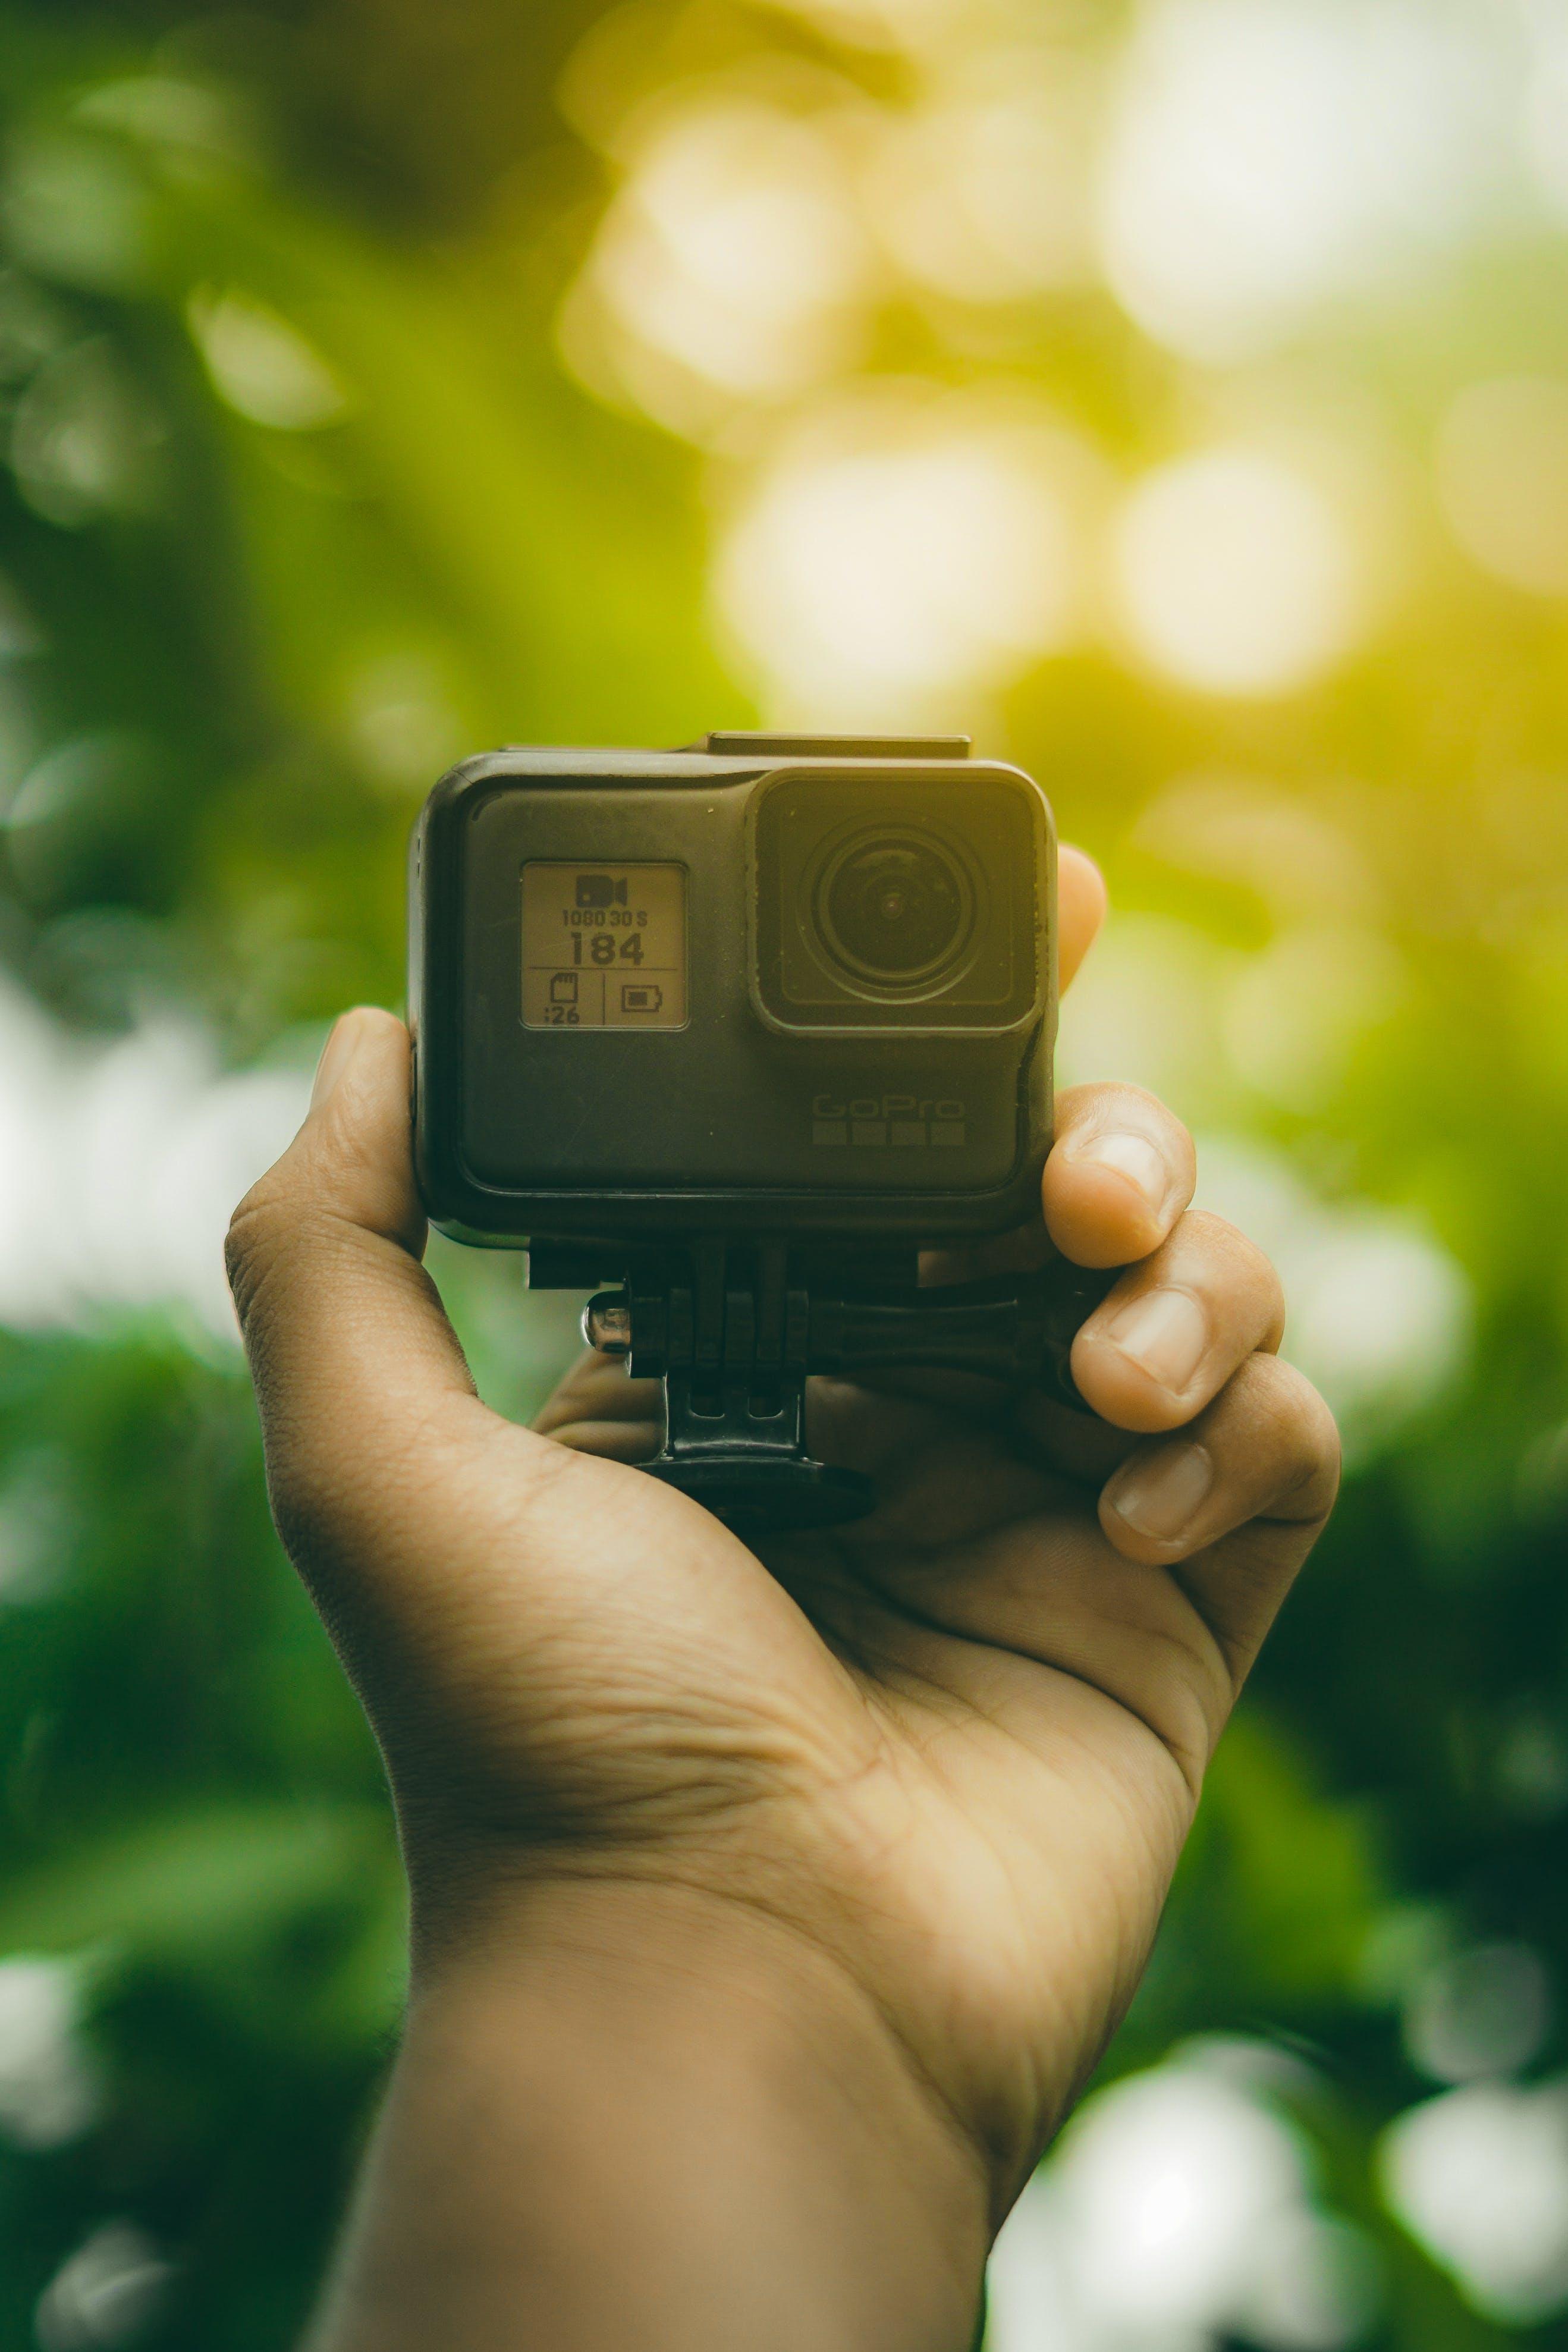 Ingyenes stockfotó akció kamera, fényképezőgép, gopro, kéz témában